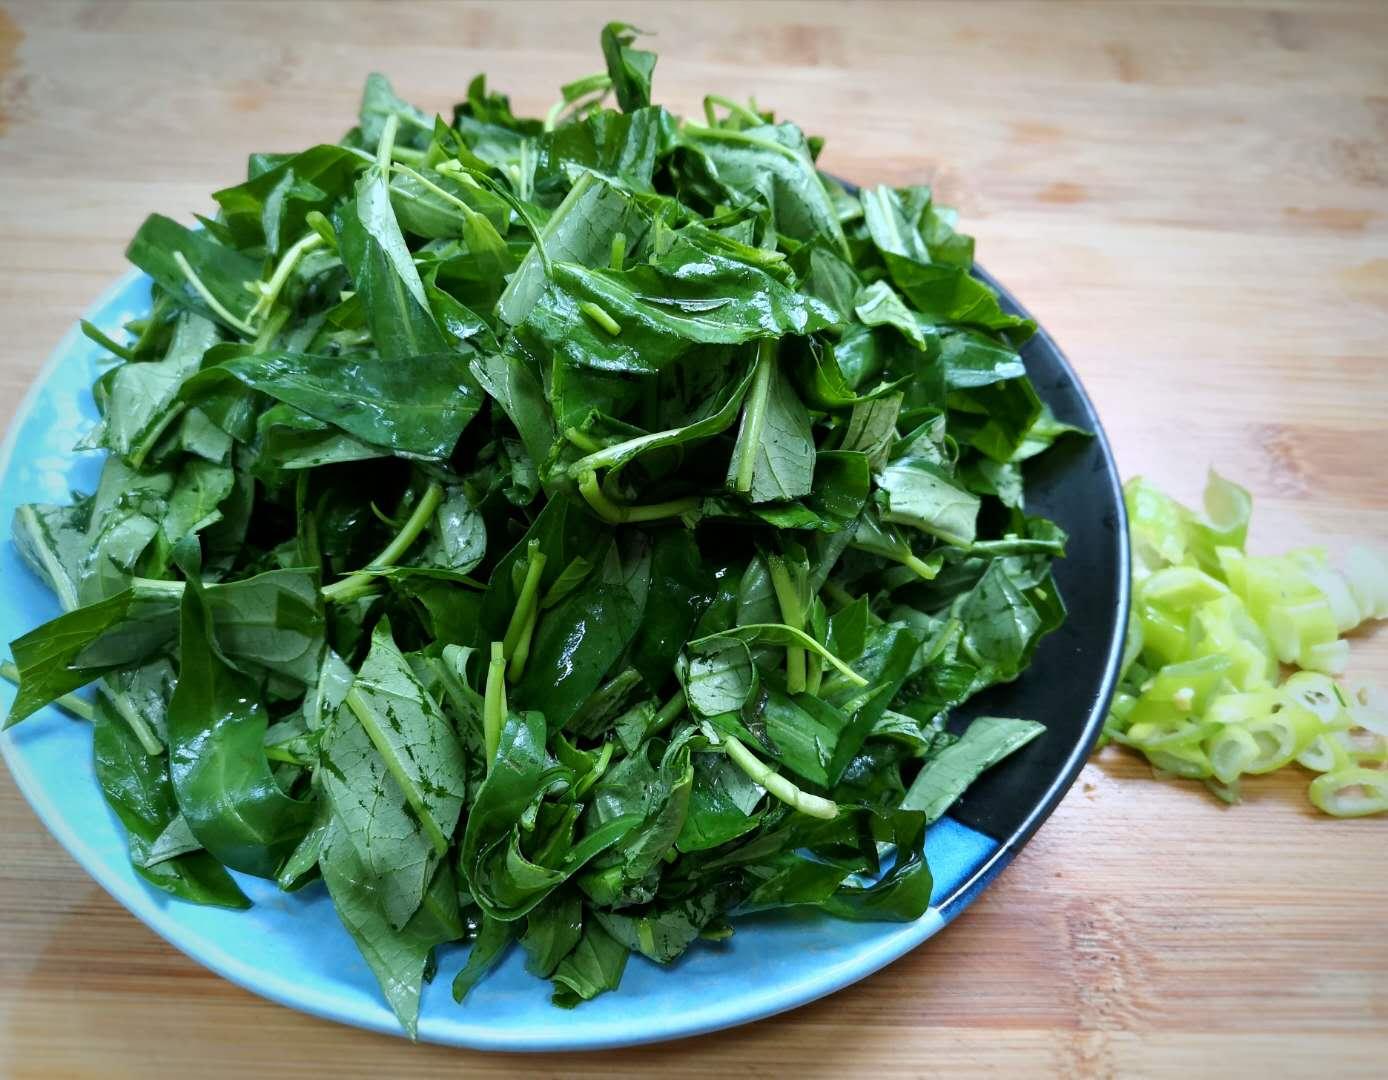 Rau muống nấu với thứ này thành món canh bổ dưỡng, thơm ngon lại dễ làm - 3